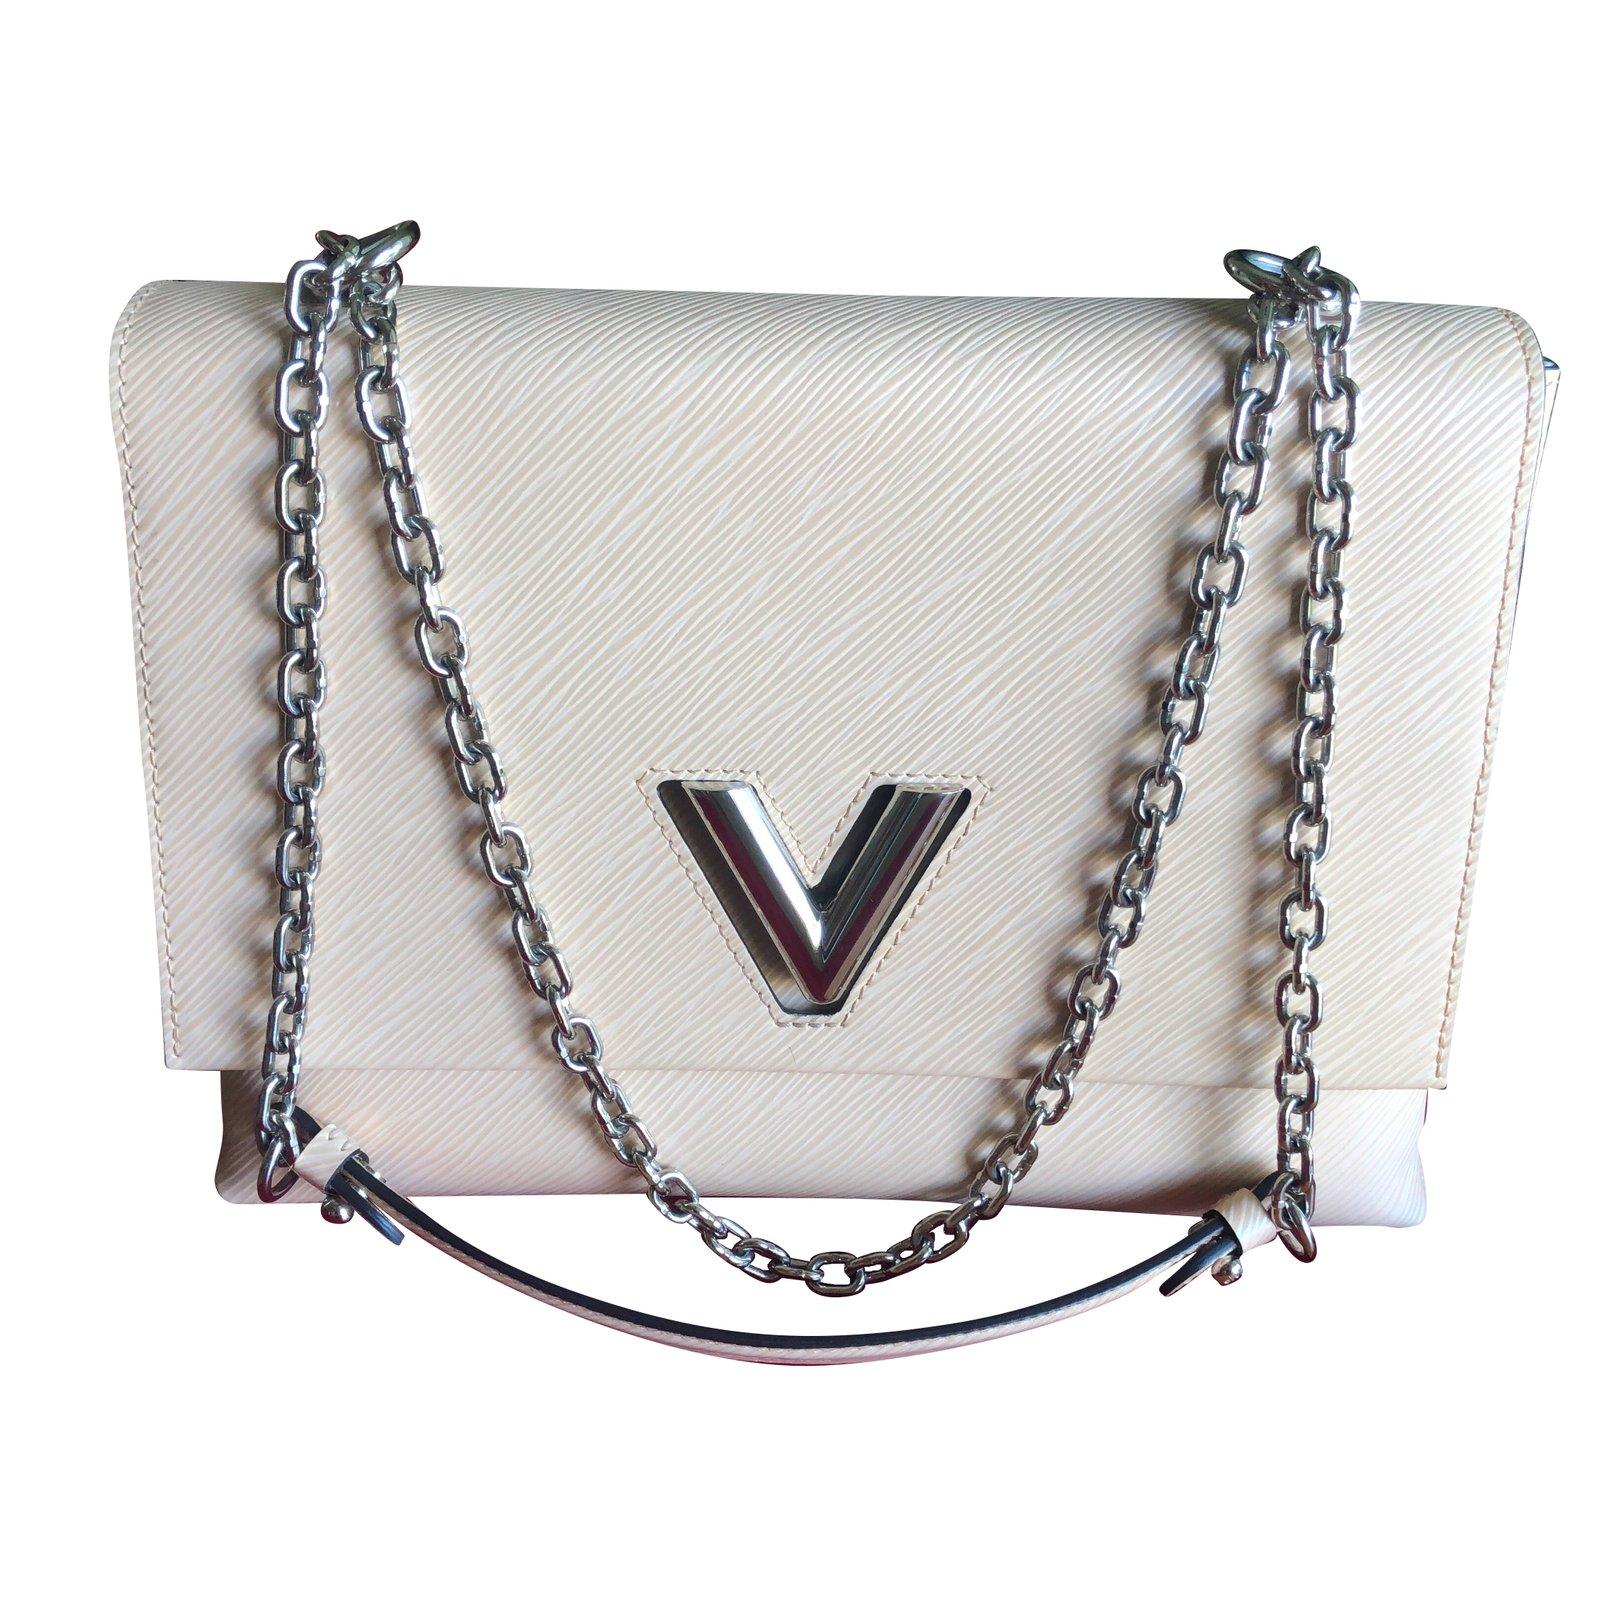 5e736d9a77ec9 Louis Vuitton Louis Vuitton Twist GM bag Handbags Leather Beige ref.75901